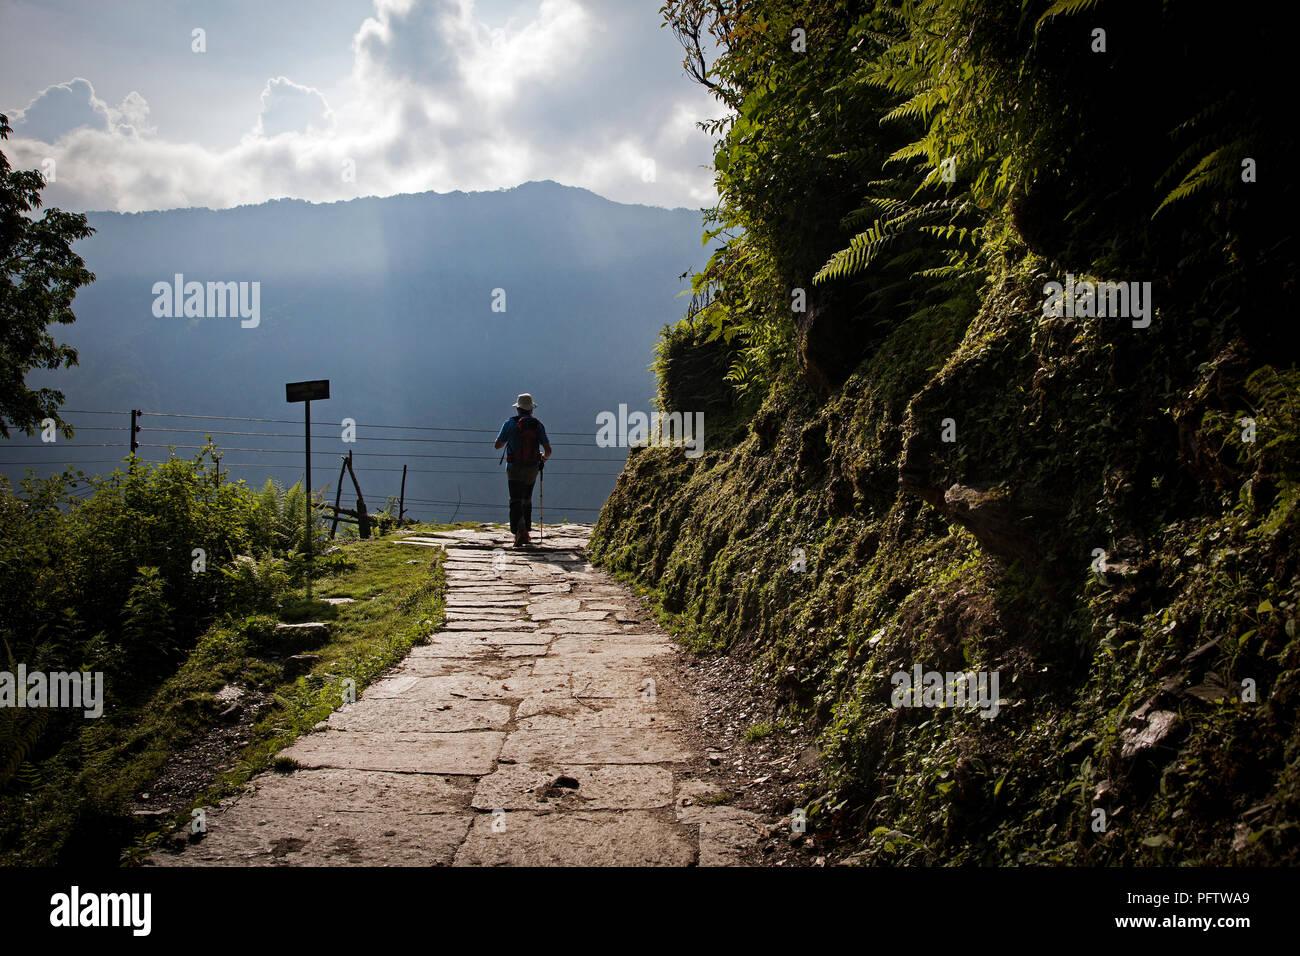 Staircase from  Ghandruk to Syauli Bazar. Annapurna trek. Nepal - Stock Image